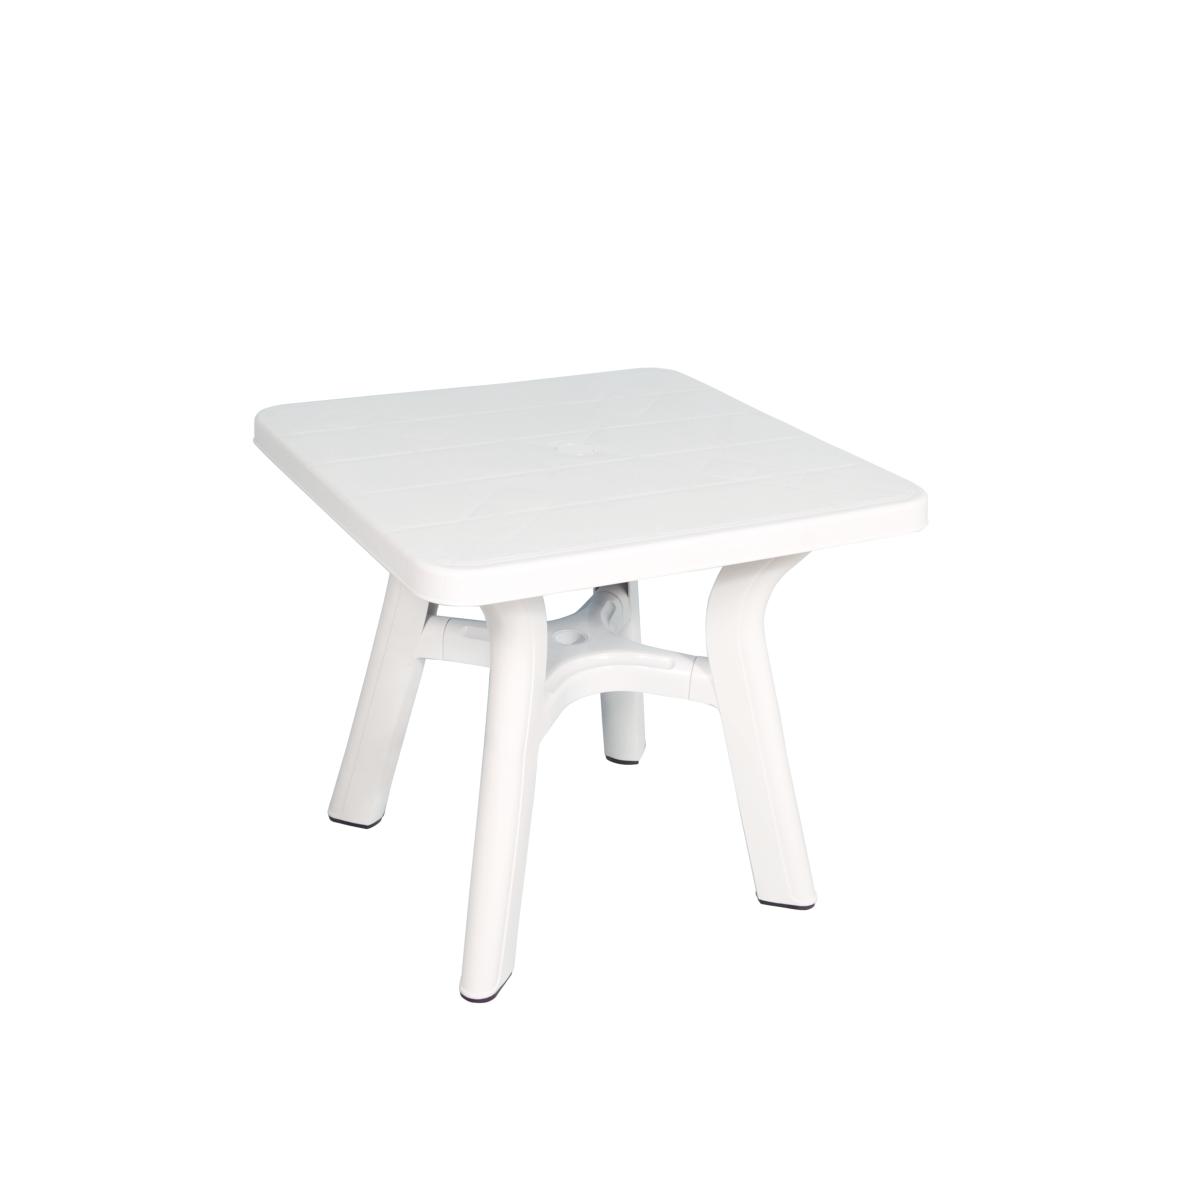 Table Carree De Jardin Blanche 80x80 Cm En Plastique